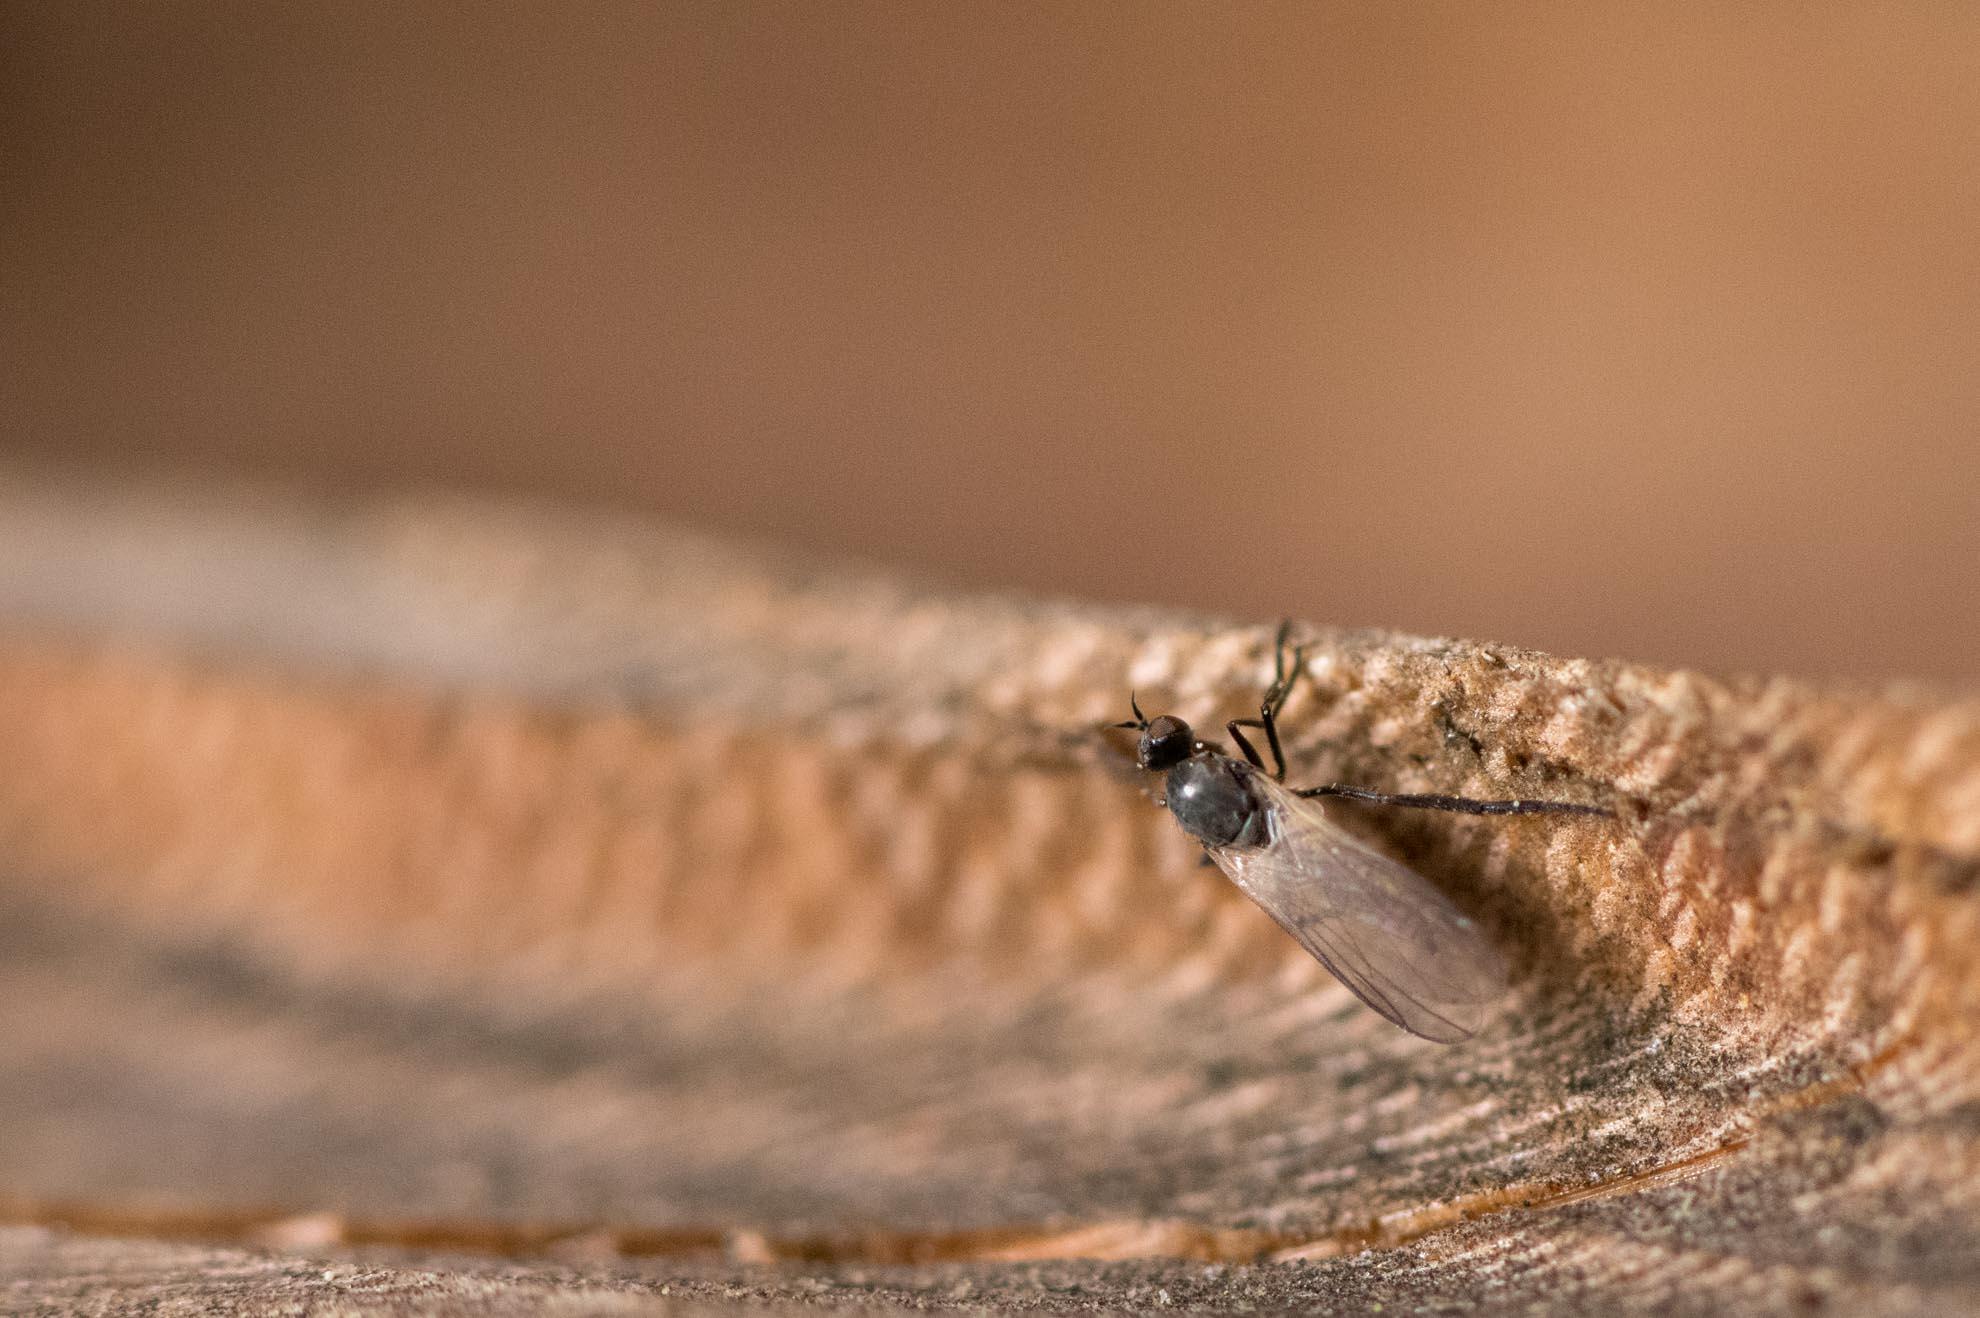 コバエのような小さな虫